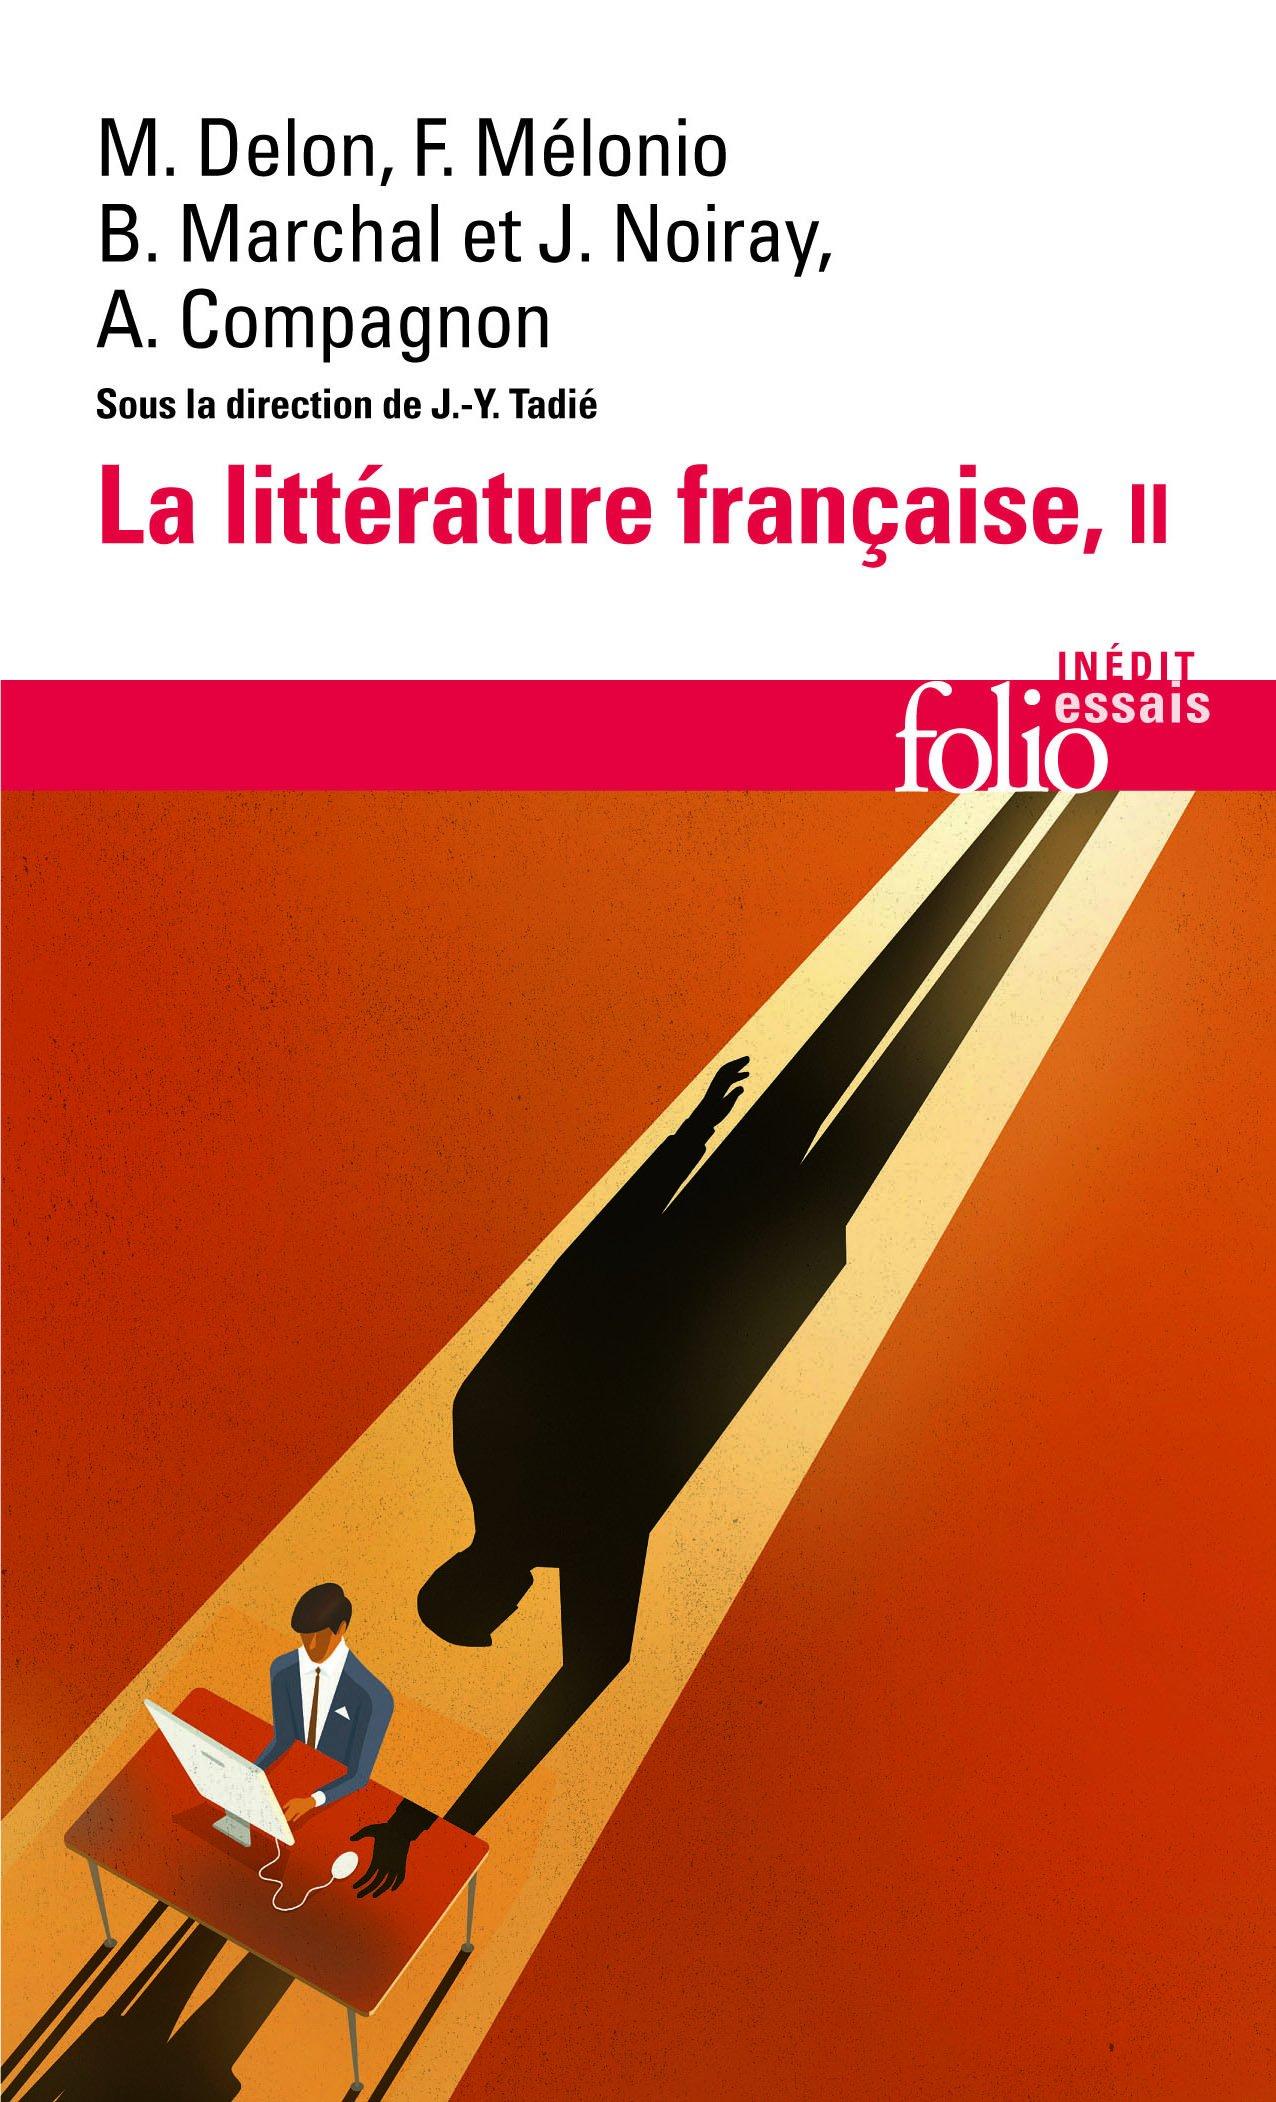 Amazon.fr - La littérature française (Tome 2): Dynamique & histoire -  Collectifs, Jean-Yves Tadié - Livres